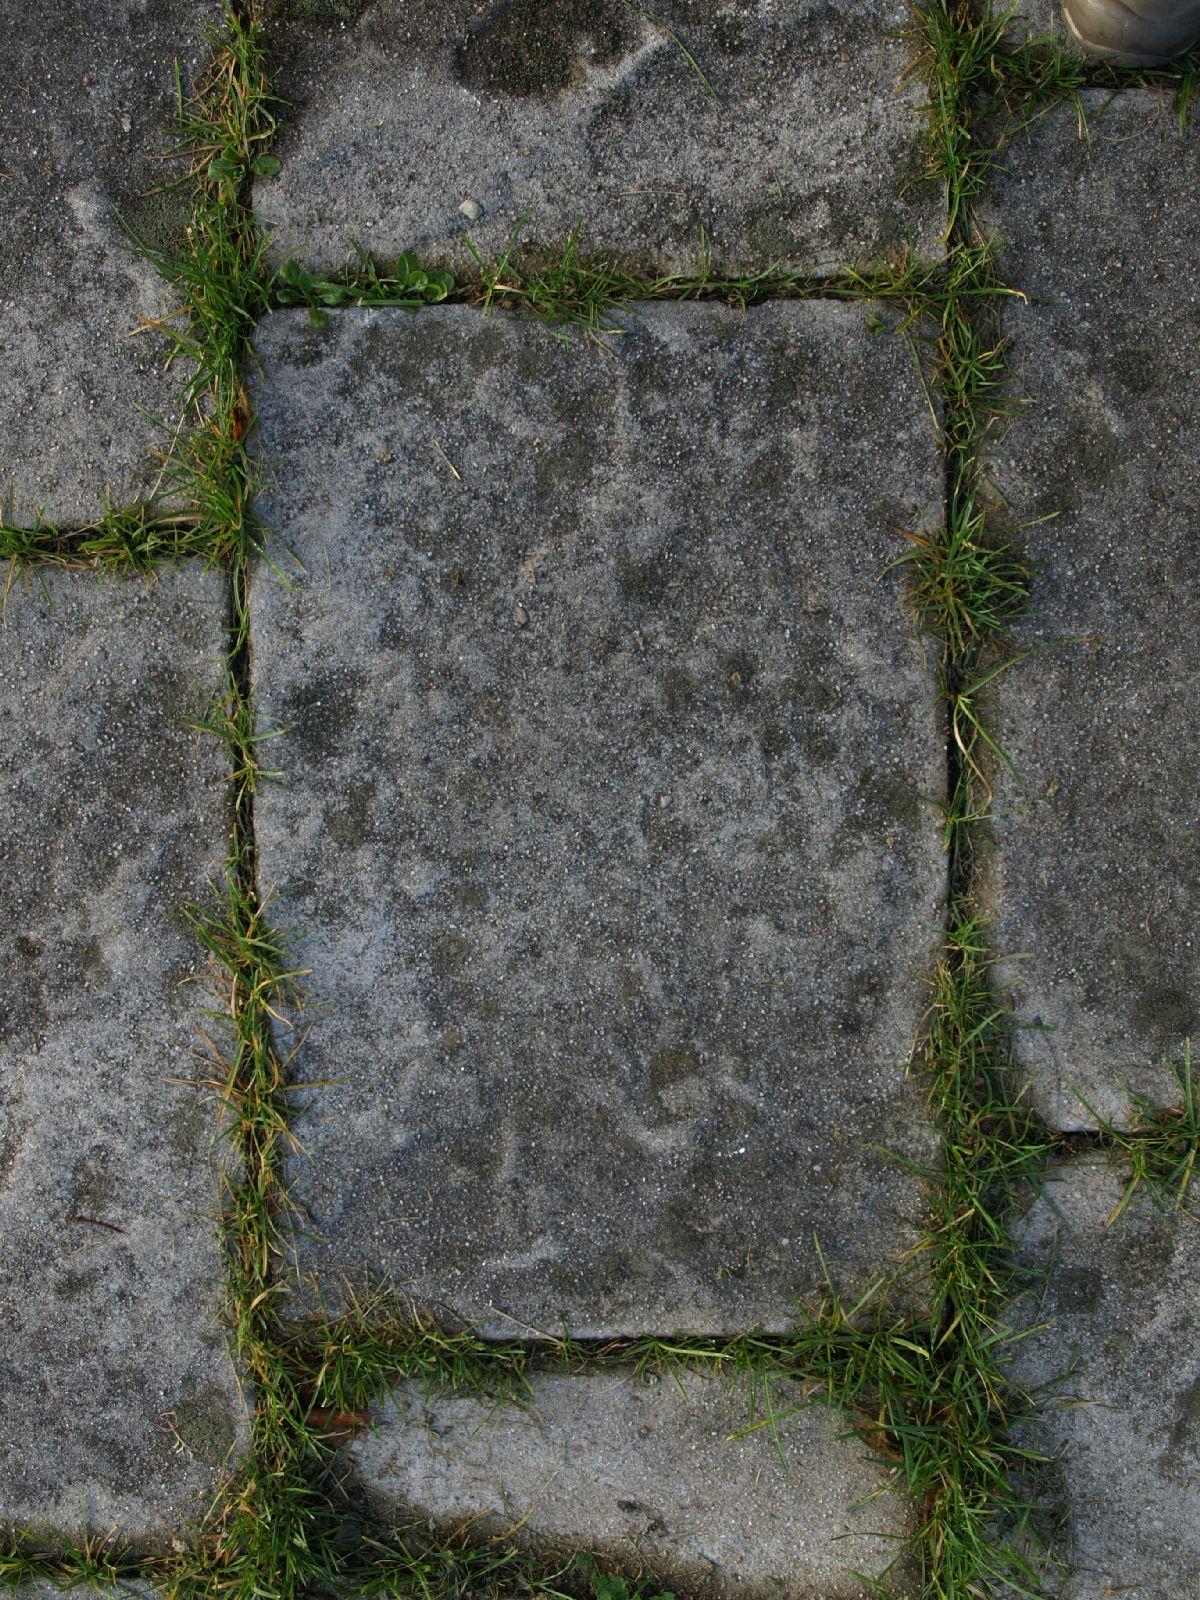 Ground-Urban_Texture_A_P8234591